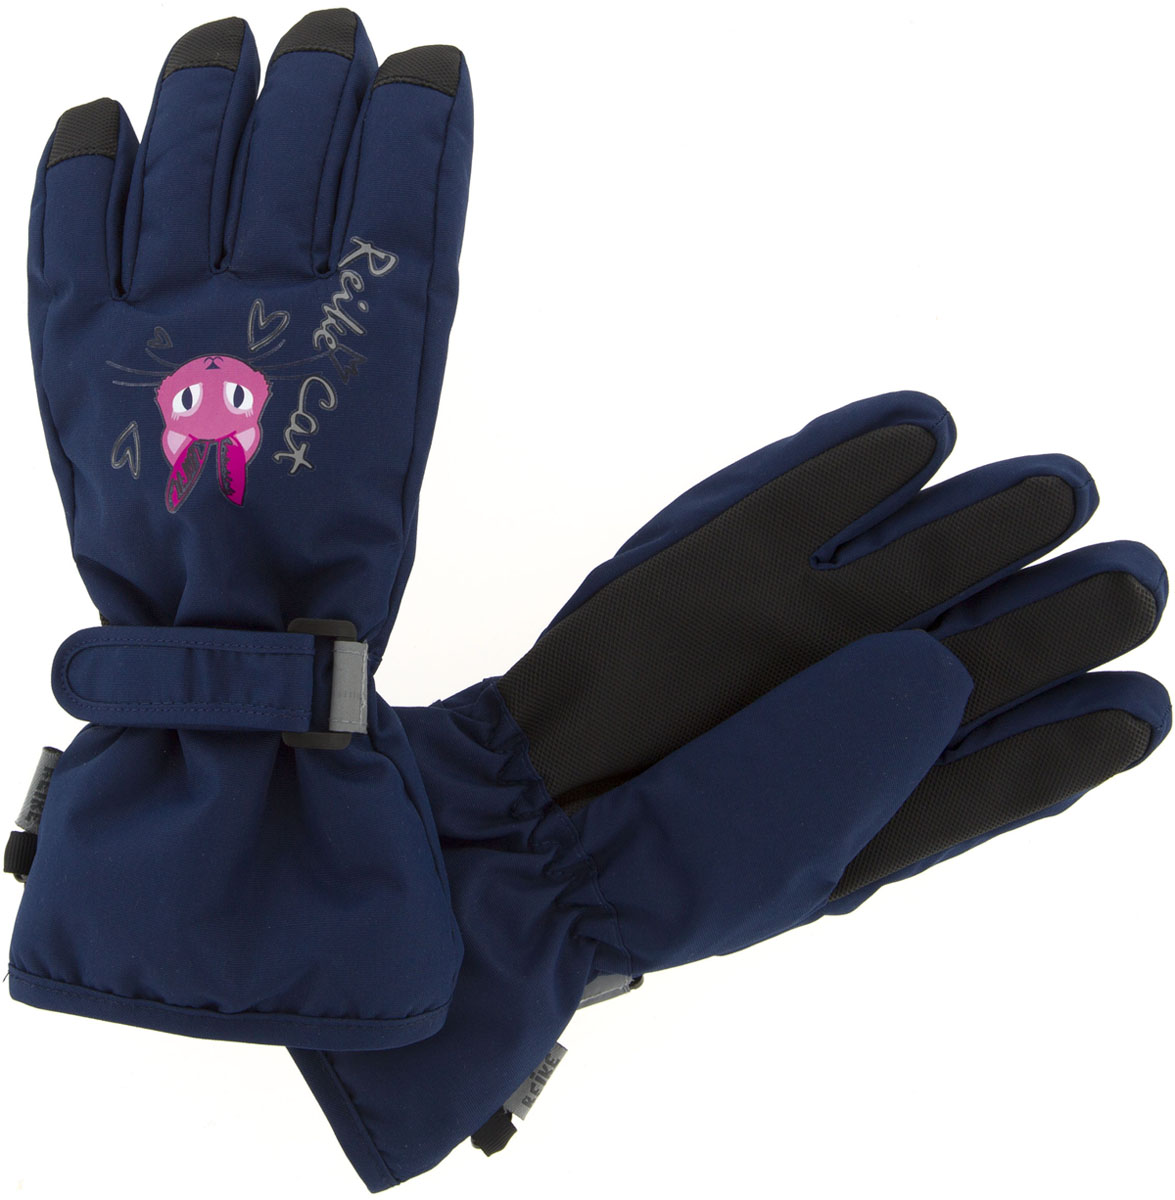 Перчатки для девочки Reike Кошечки, цвет: темно-синий. RW18_PRC2 navy. Размер 6 перчатки reike